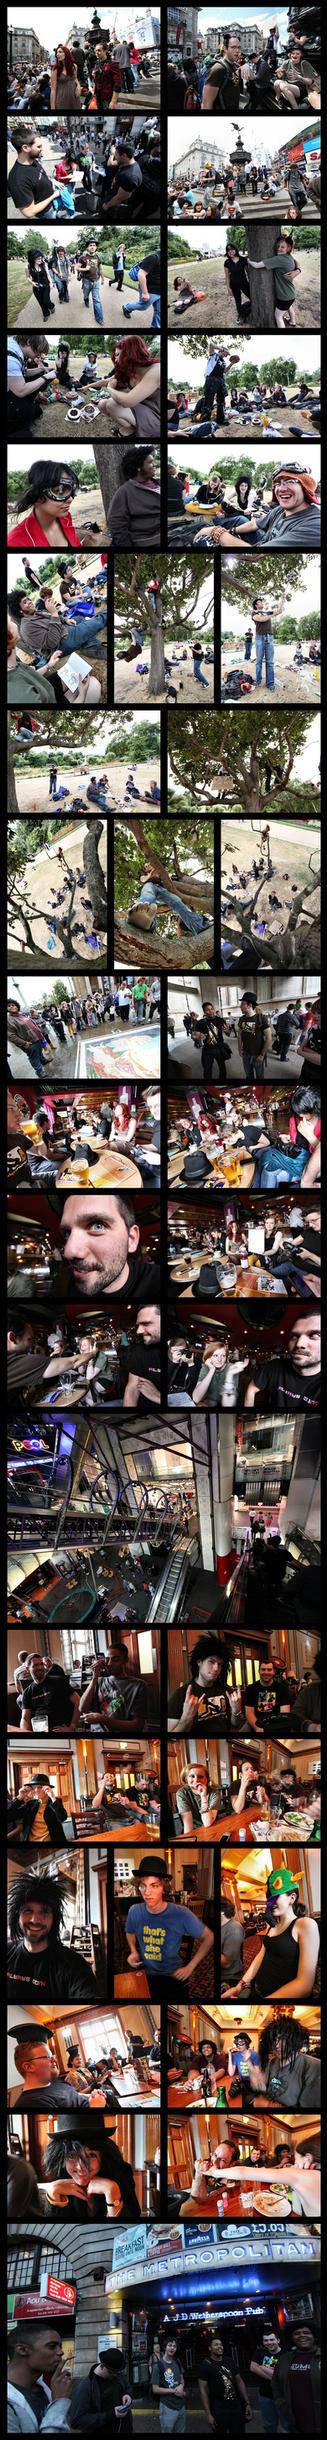 DA 10th Birthday Party by greenie